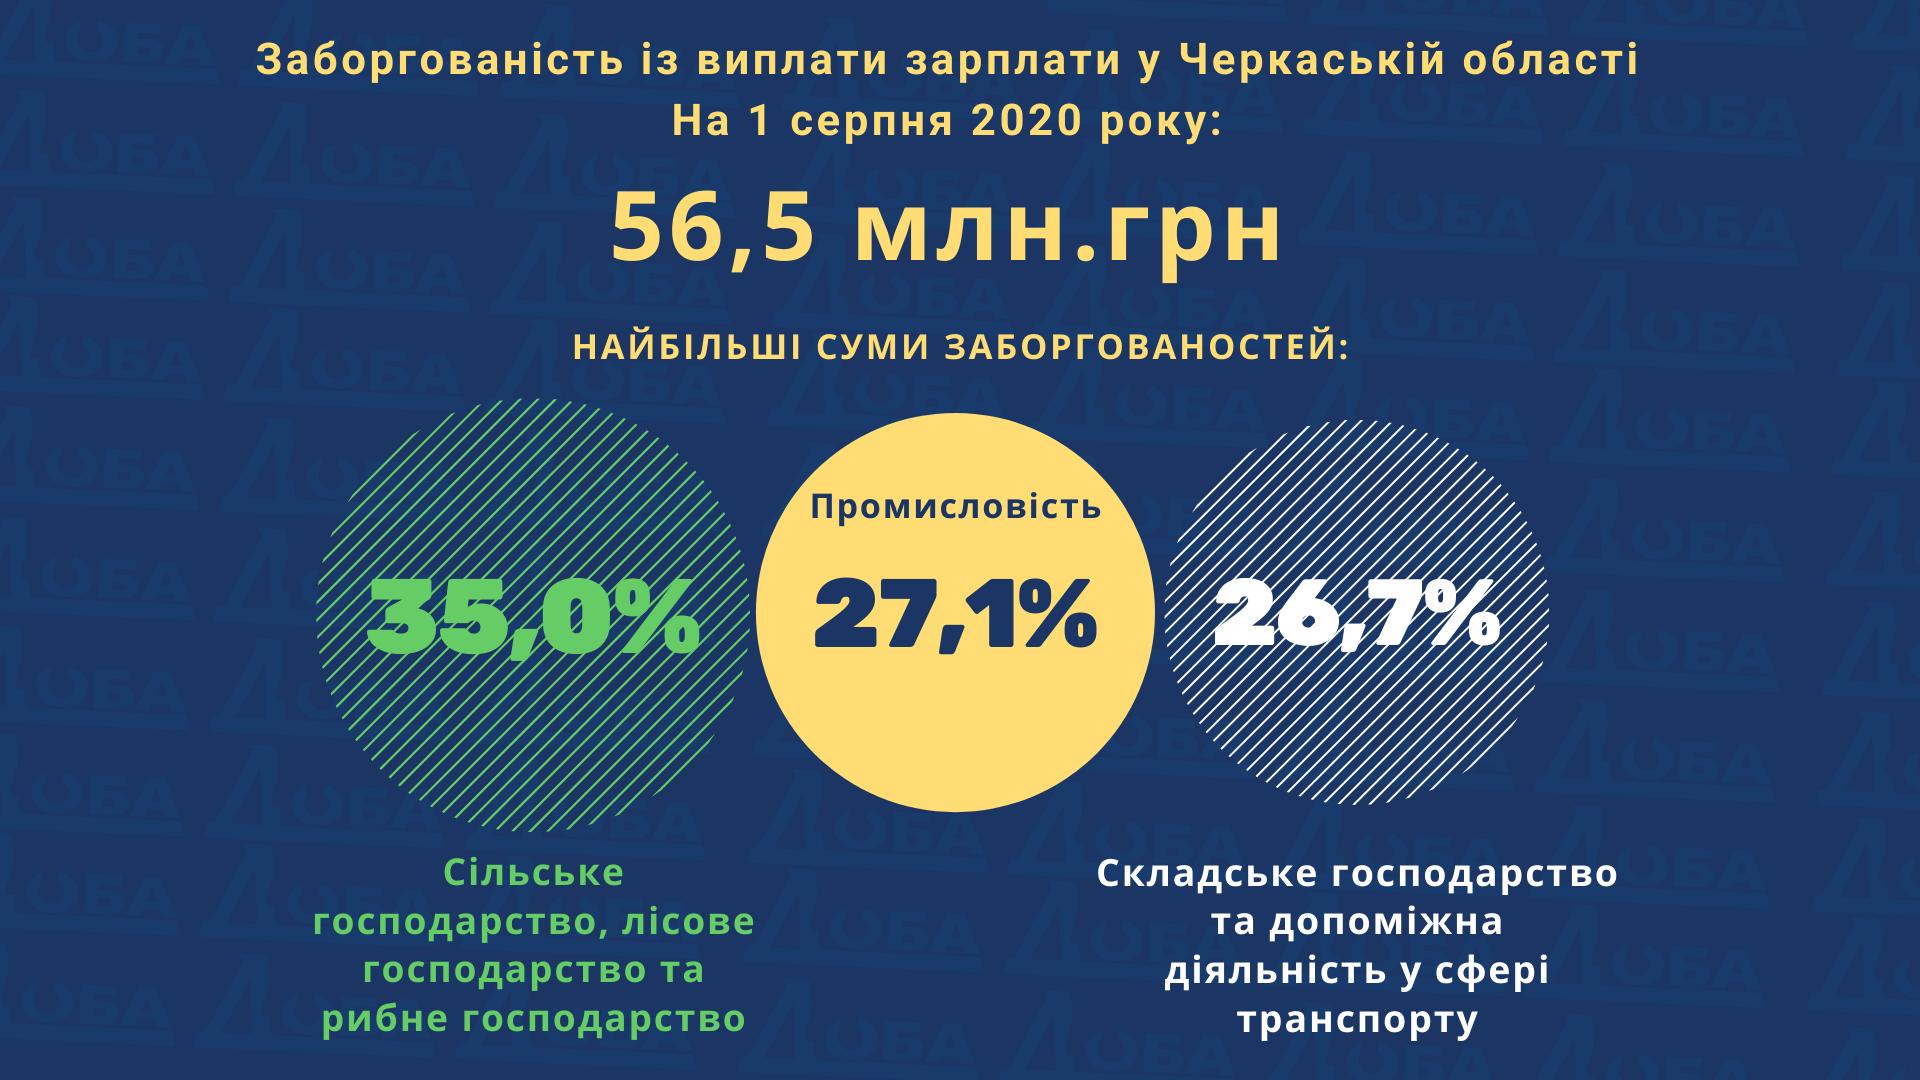 Заборгованість із виплати зарплати у Черкаській області становить 56,5 млн.грн (СТАТИСТИКА)